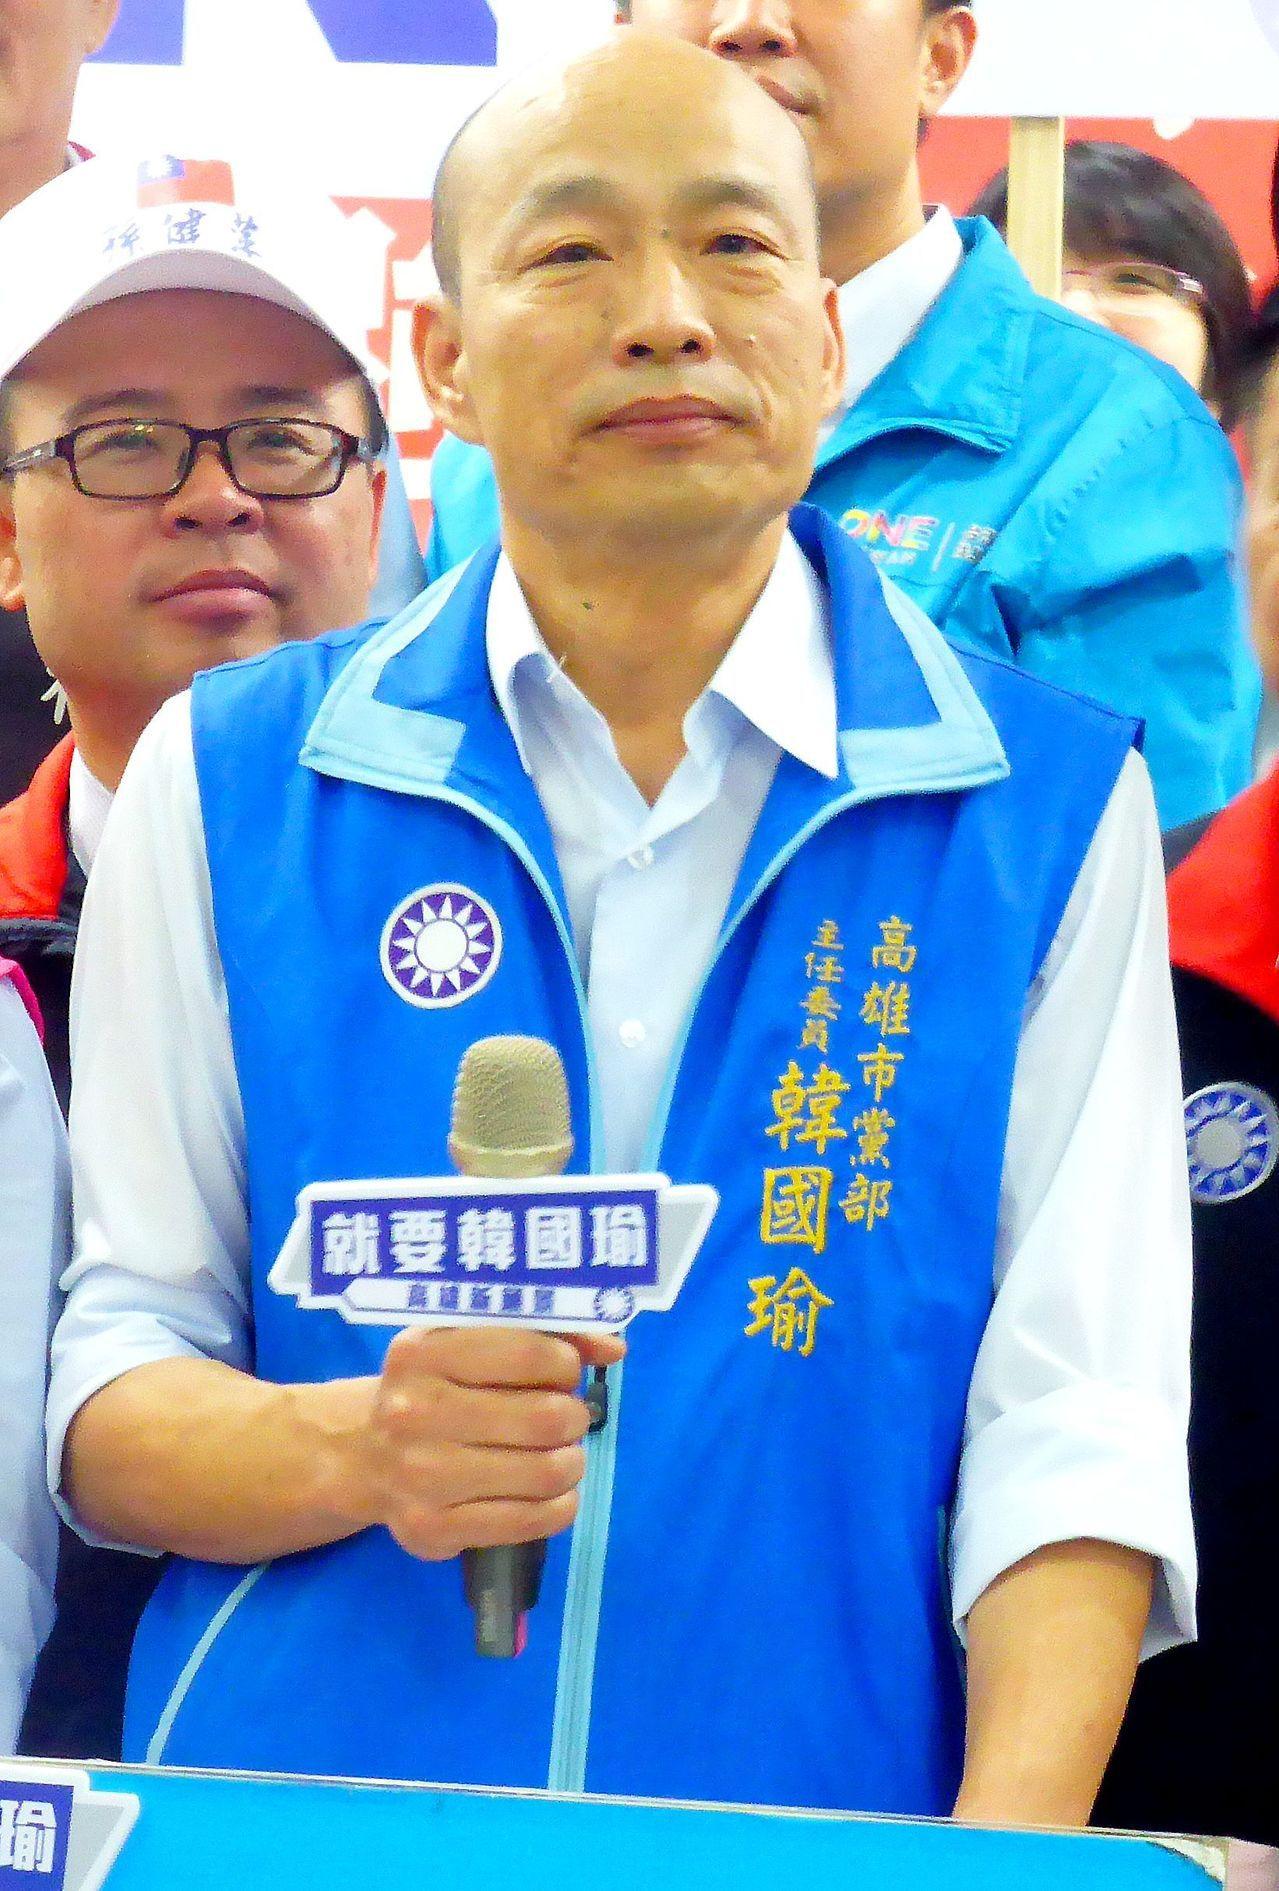 國民黨高雄市長參選人、北農前總經理韓國瑜因北農最近的爭議被檢傳喚,他暫停選舉行程...